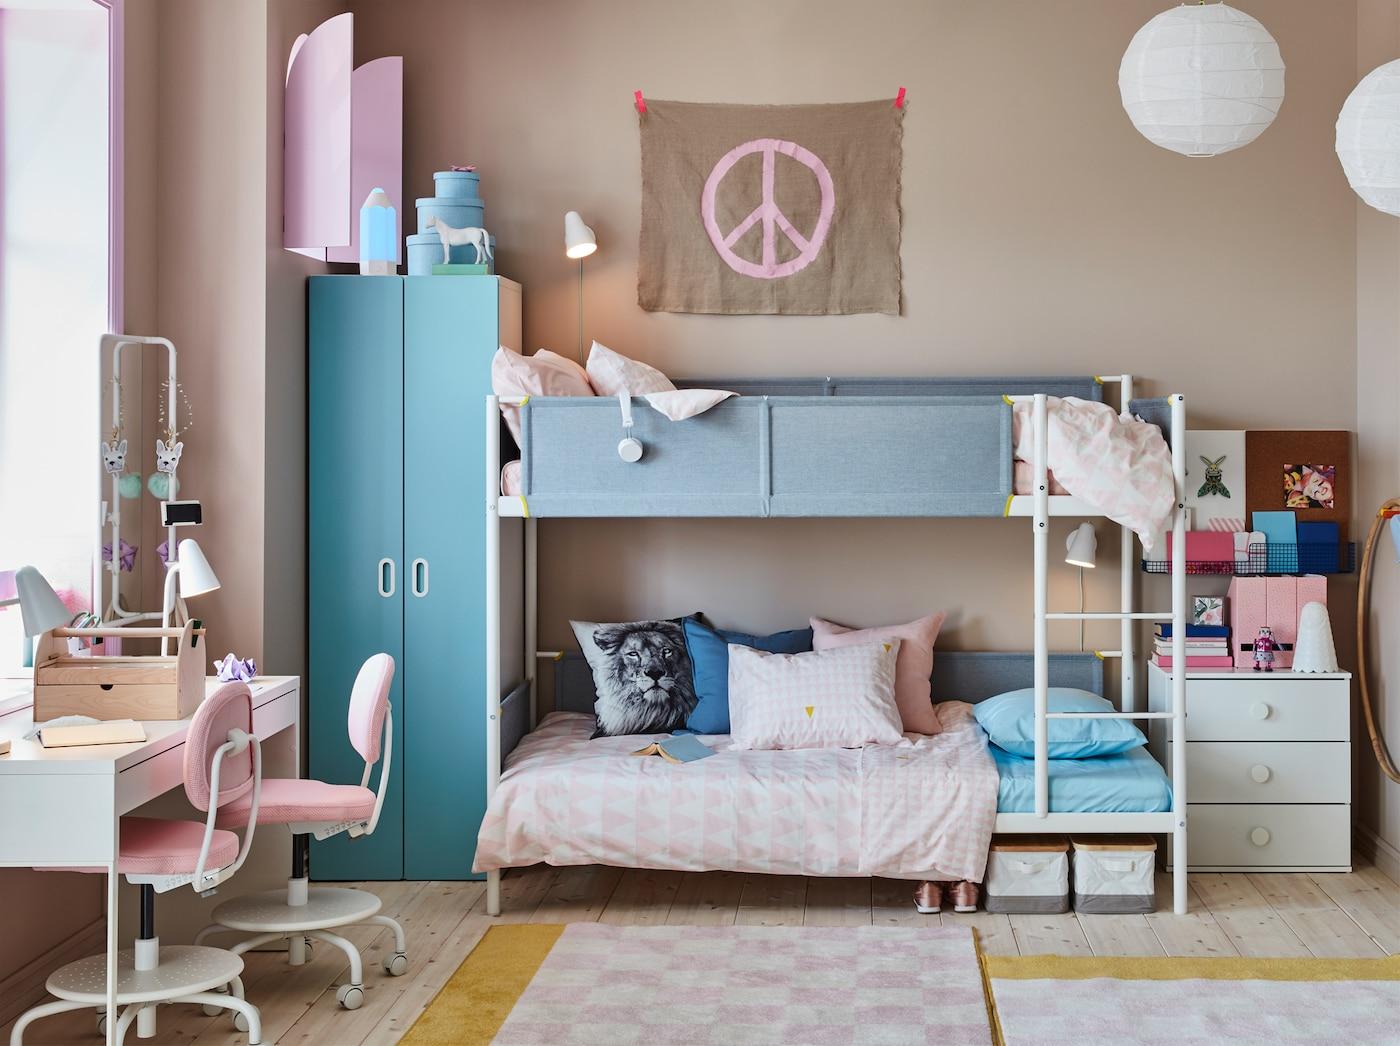 Inspiration mobilier enfant - IKEA